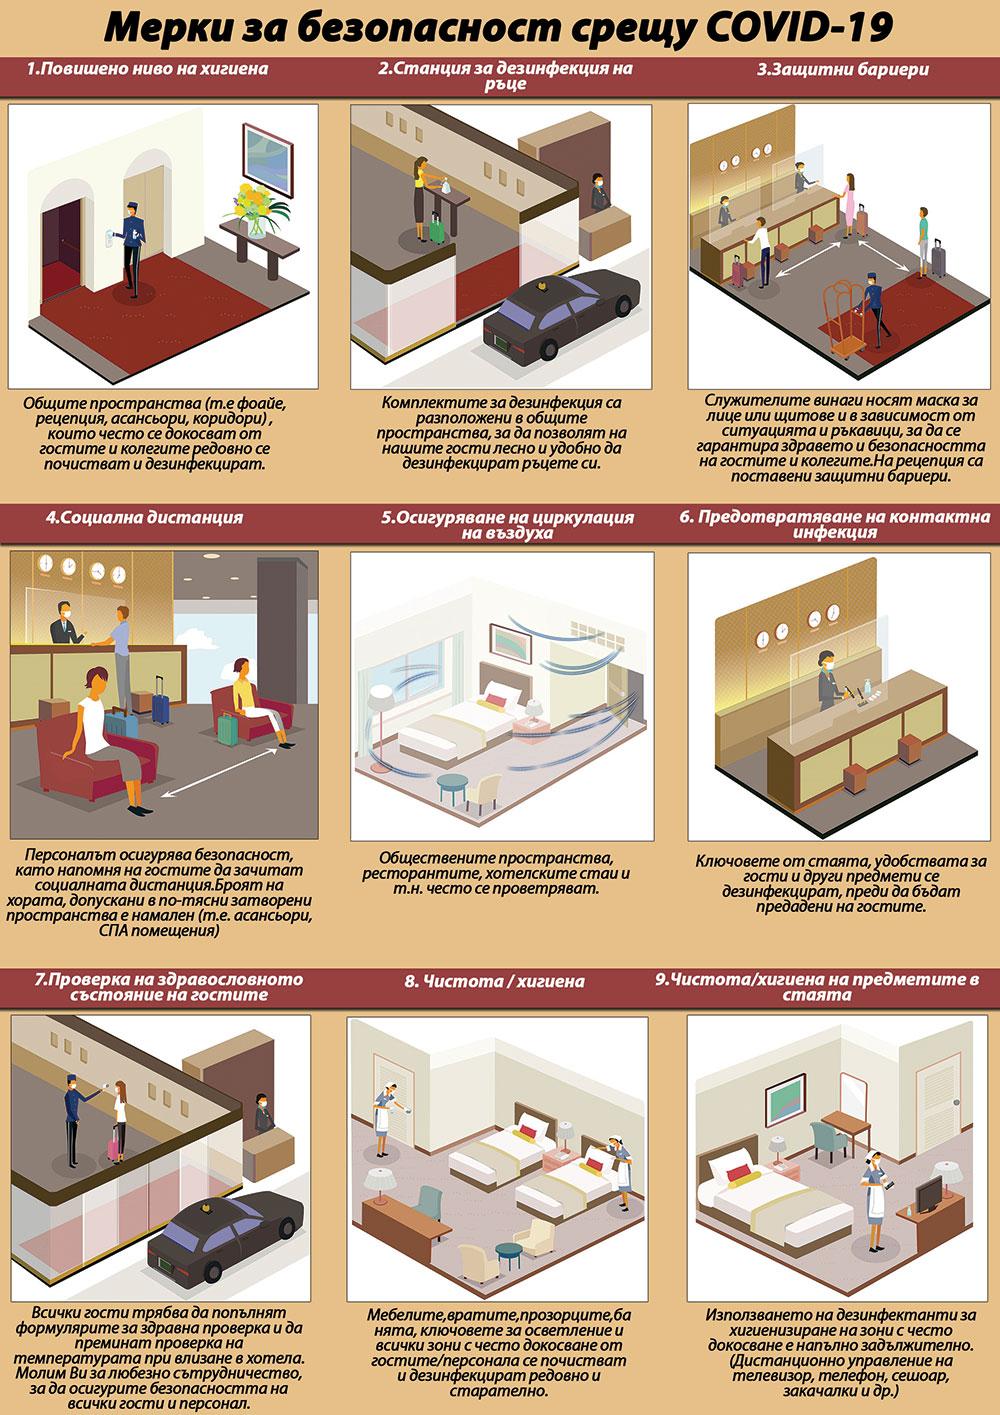 Мерки за безопасност срещу COVID-19 в хотел Спа Клуб Бор Велинград_1 стр